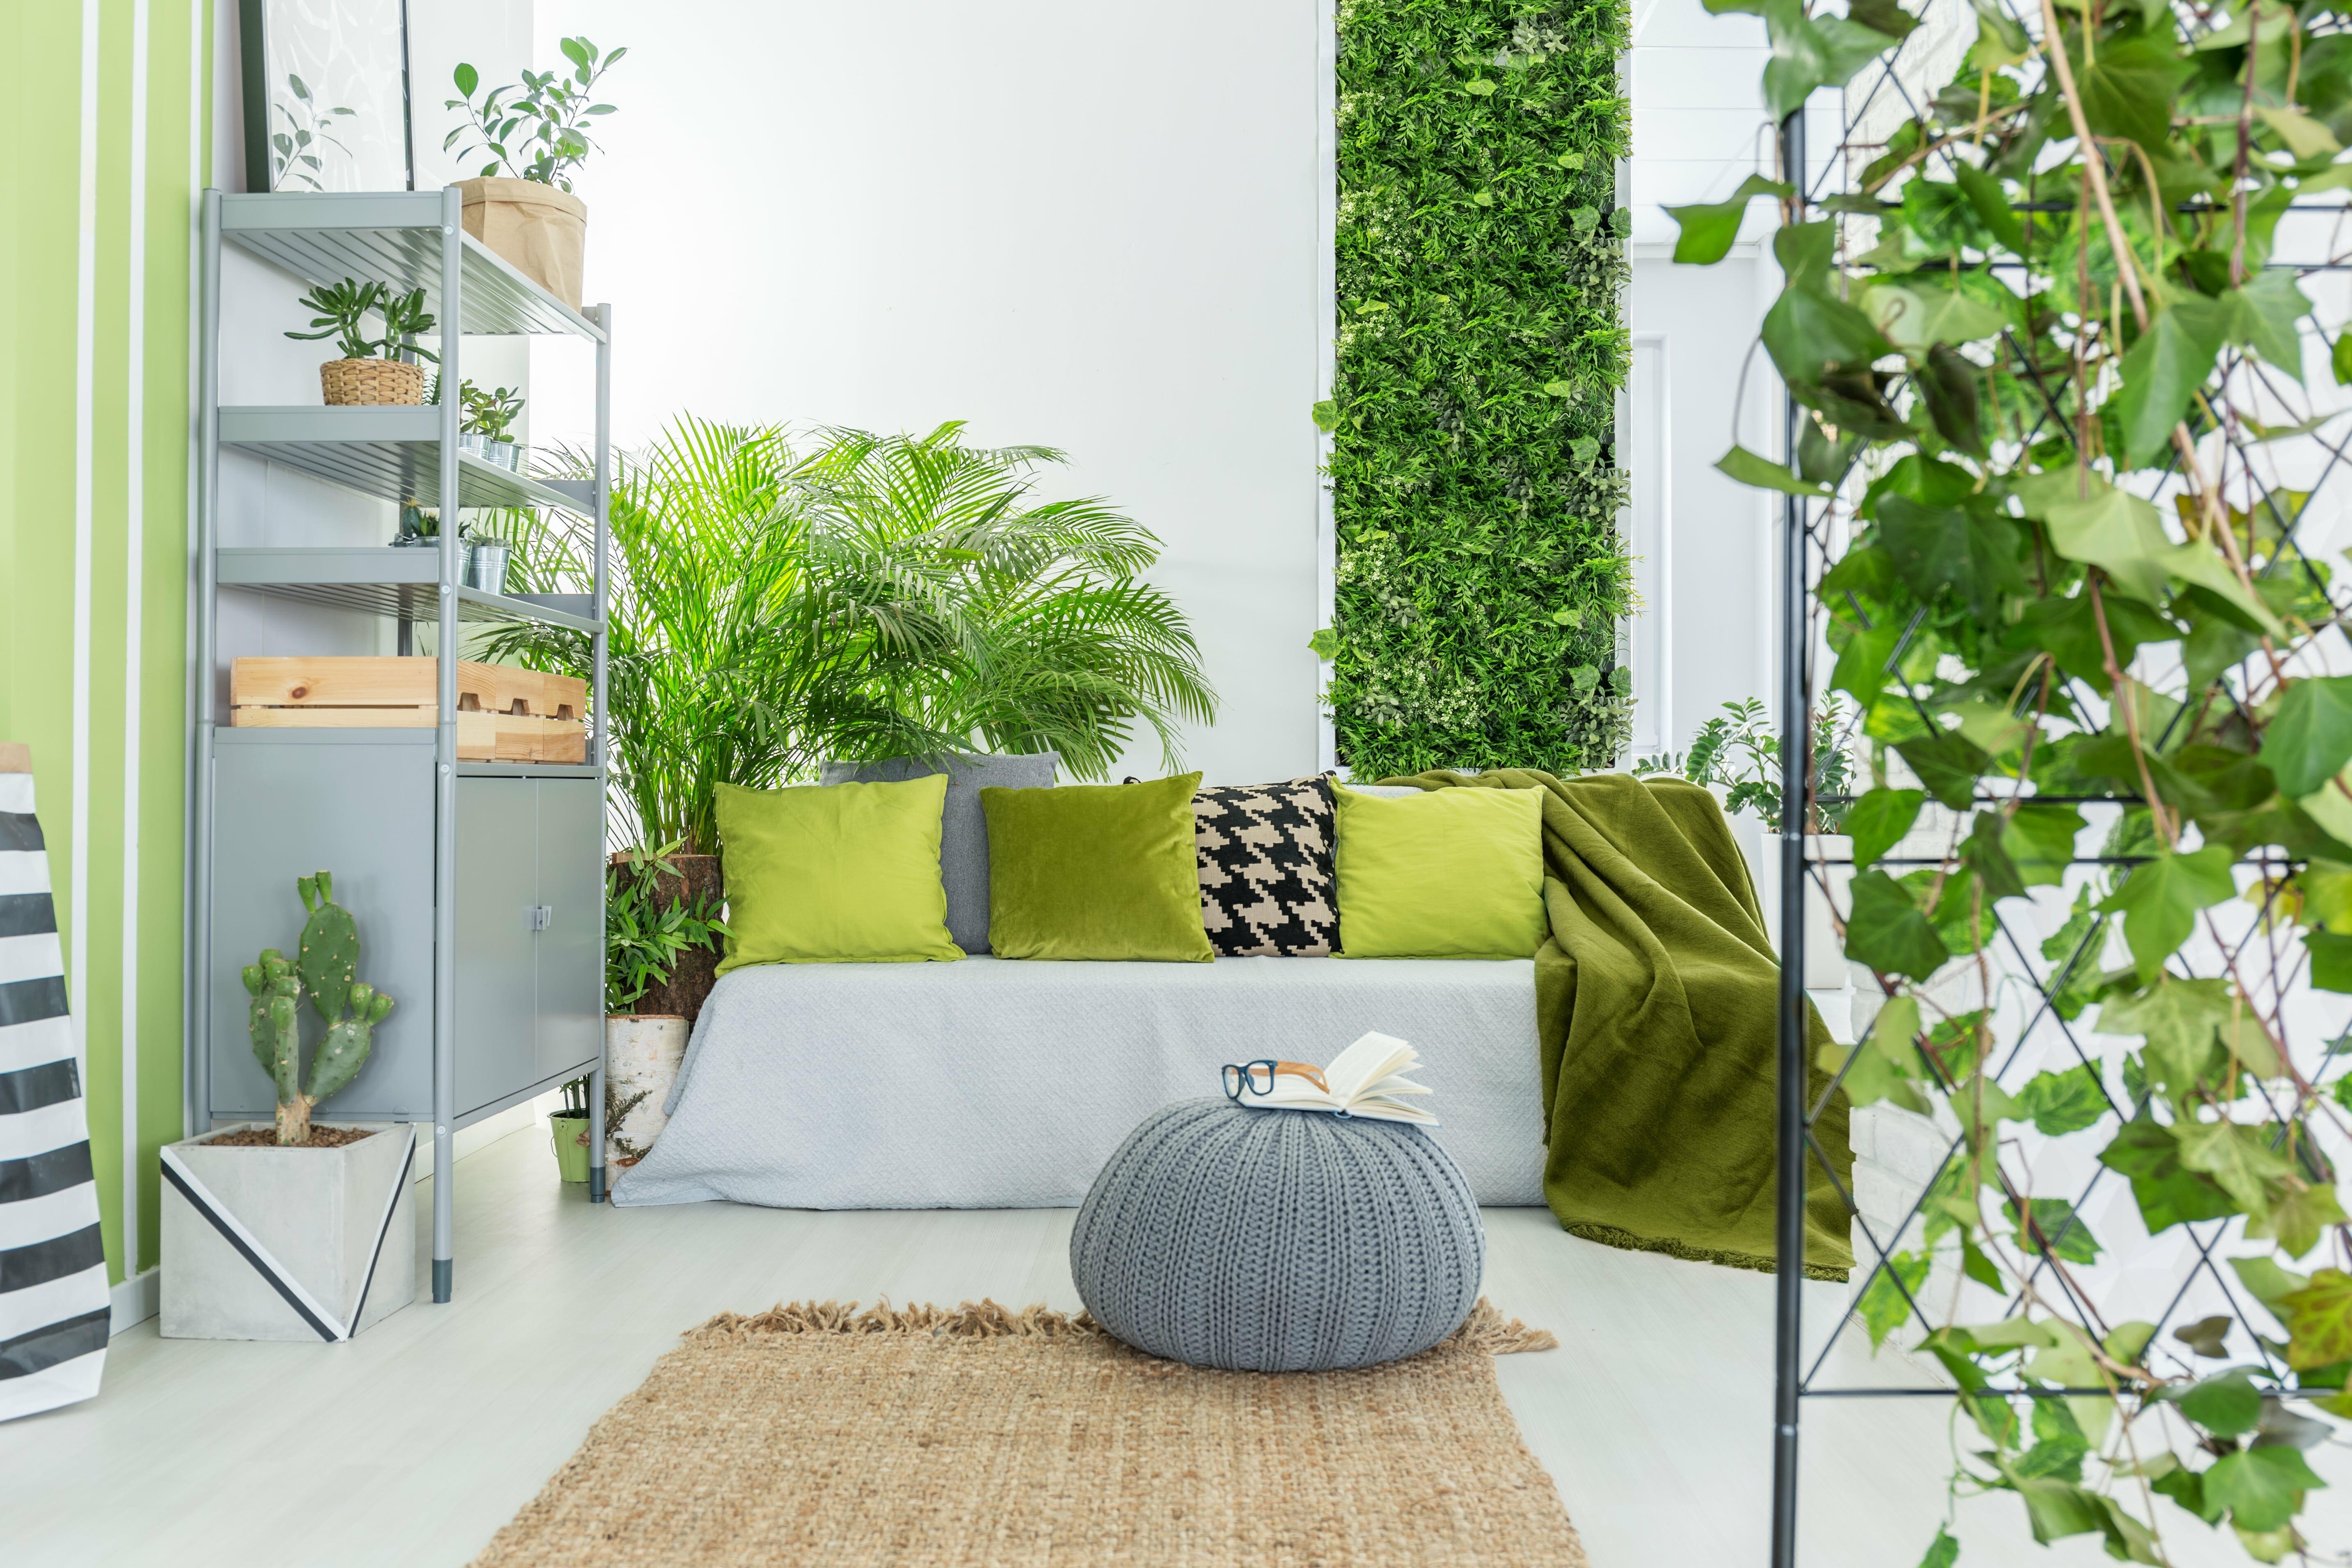 Urlaubsratgeber für Pflanzen Galerie 2